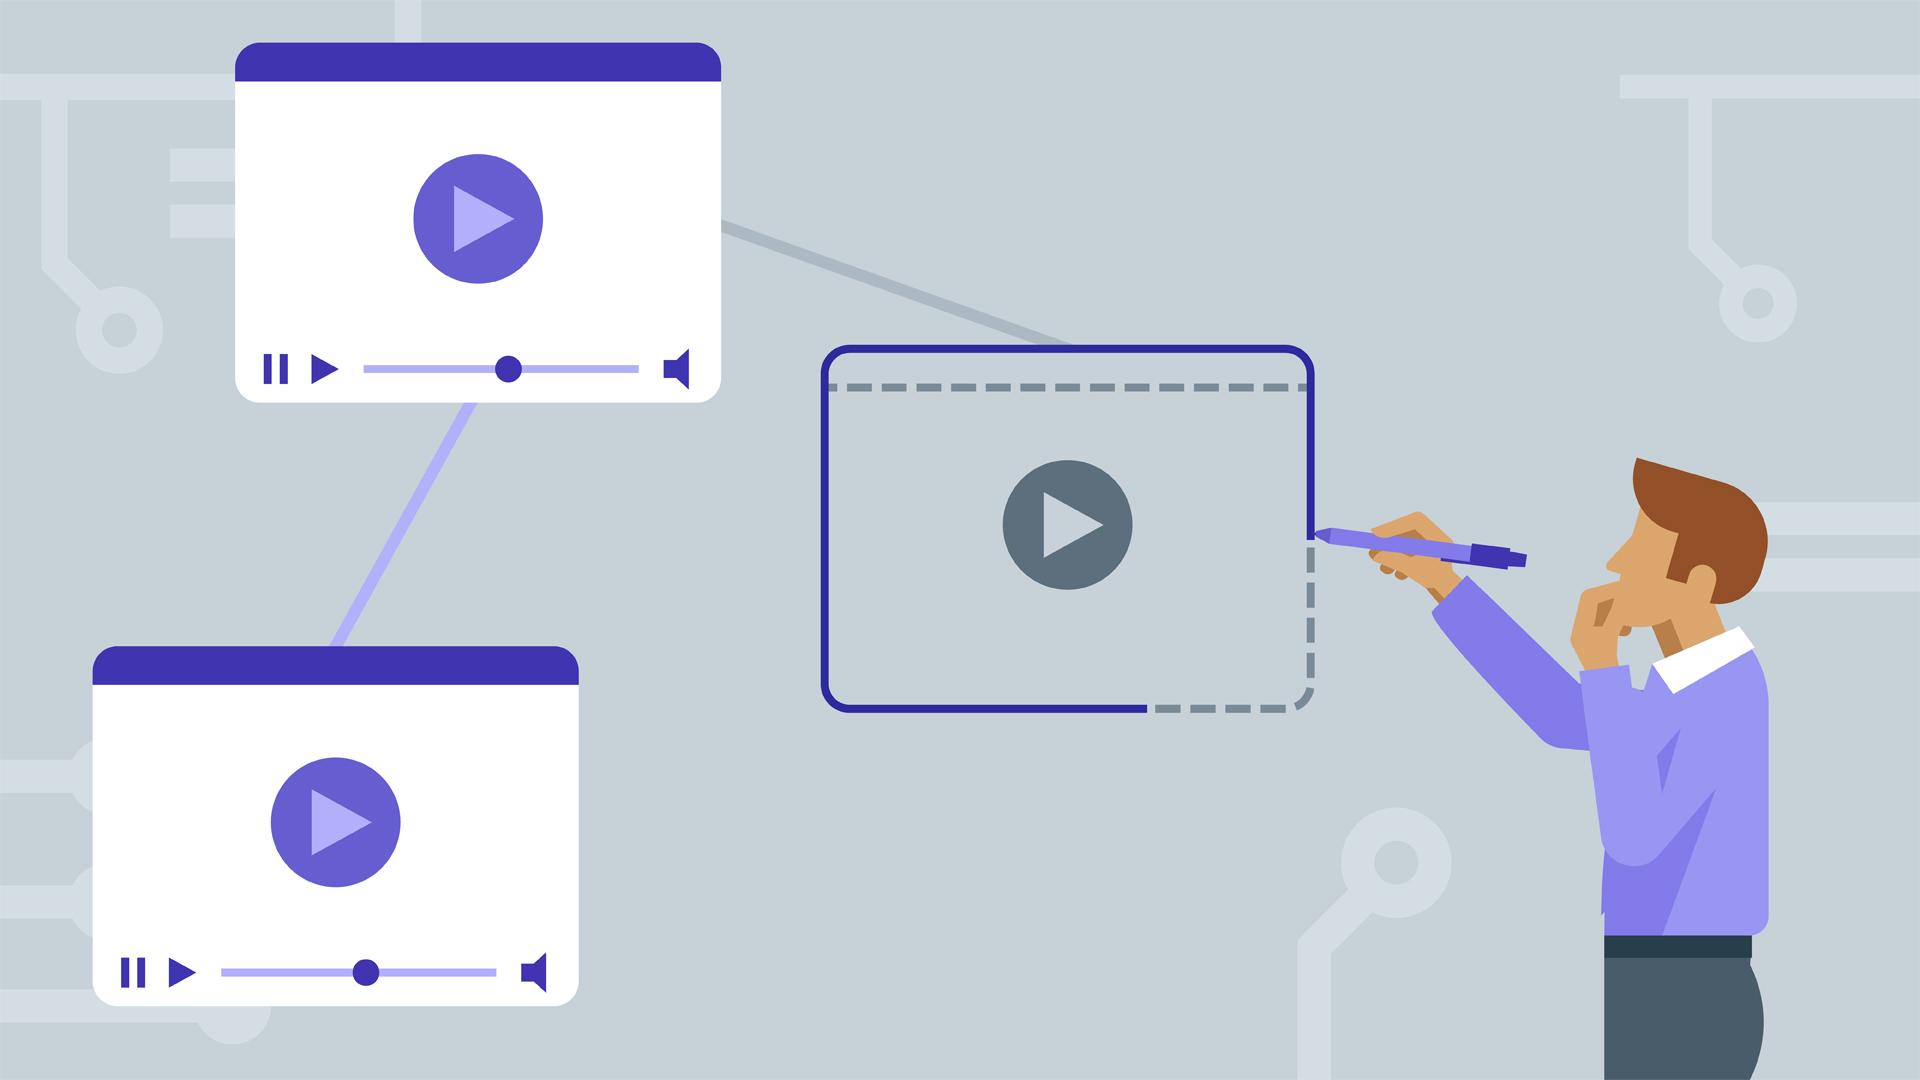 استراتژی تولید محتوا ویدیویی - اپیزود ۱: آشنایی با مقدمات تولید محتوای ویدیوئی